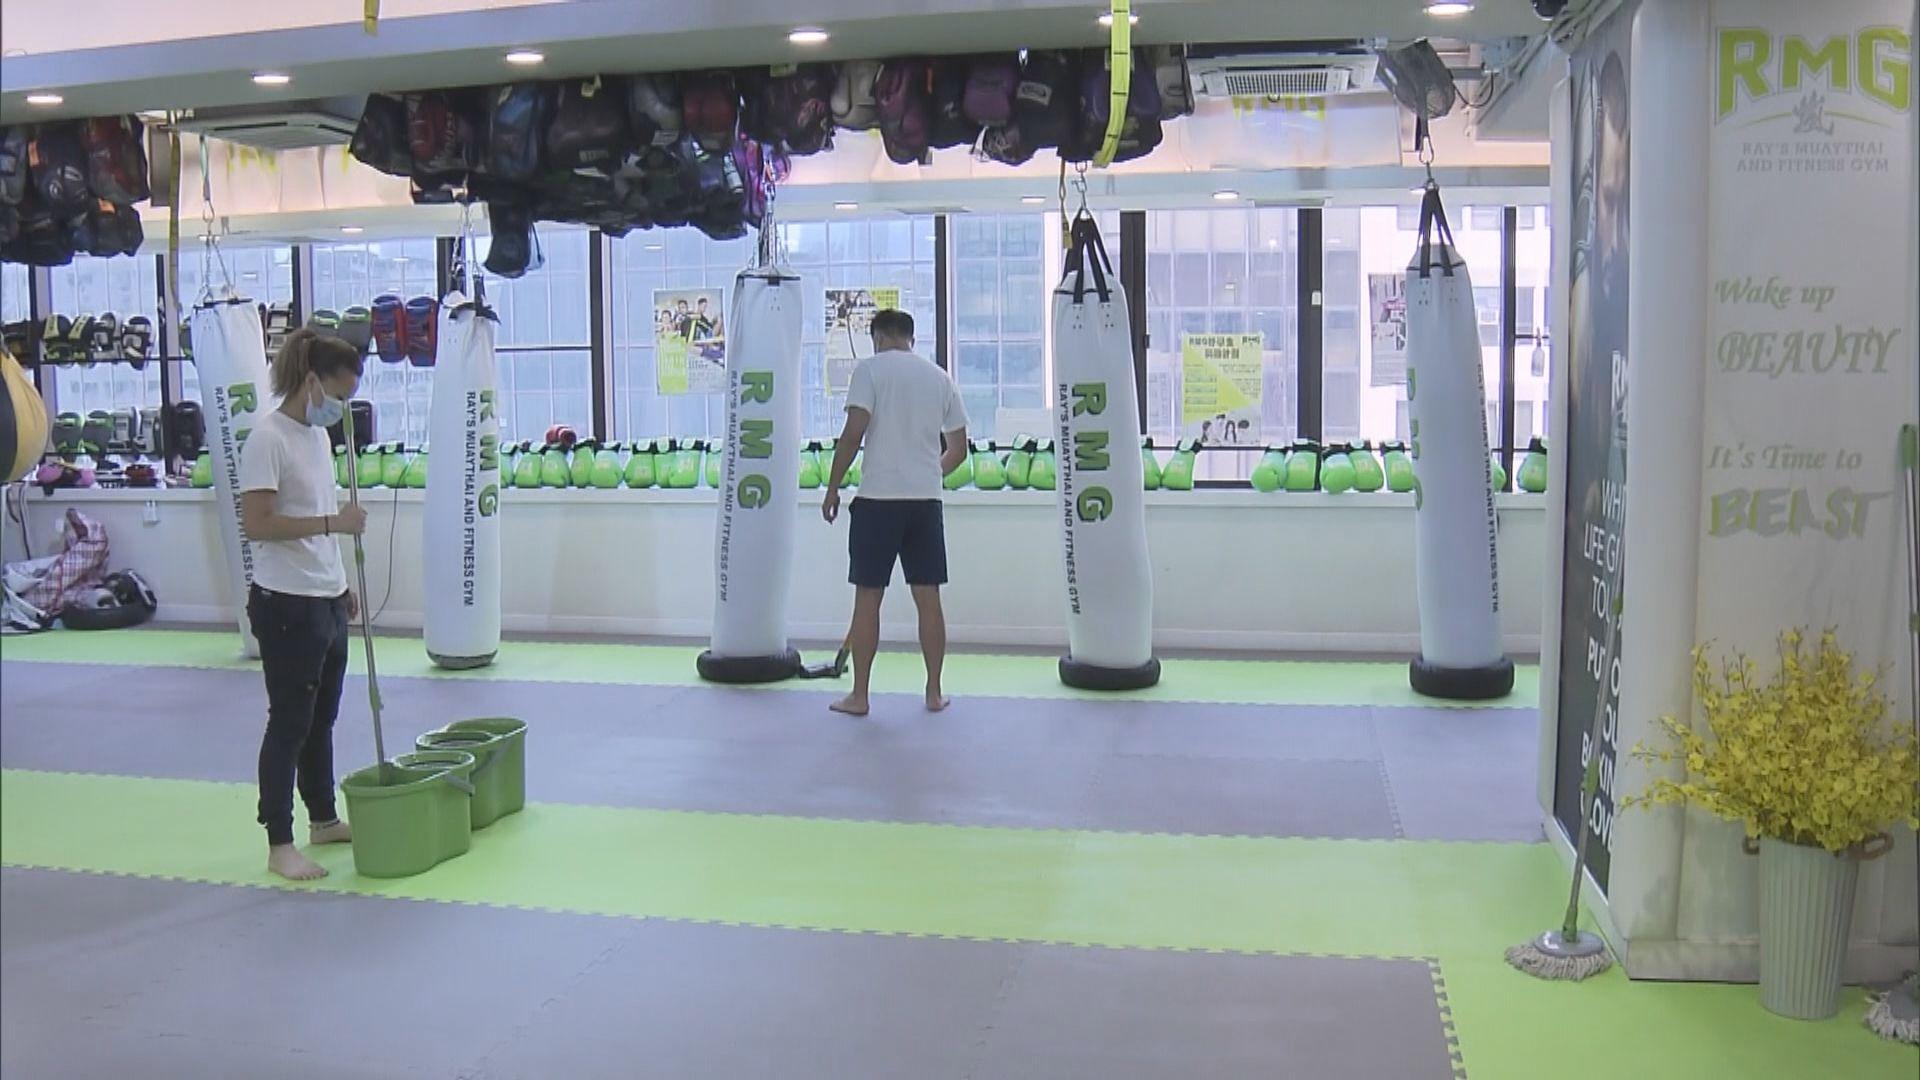 健身中心重開課堂要戴口罩 教練減耗氧訓練